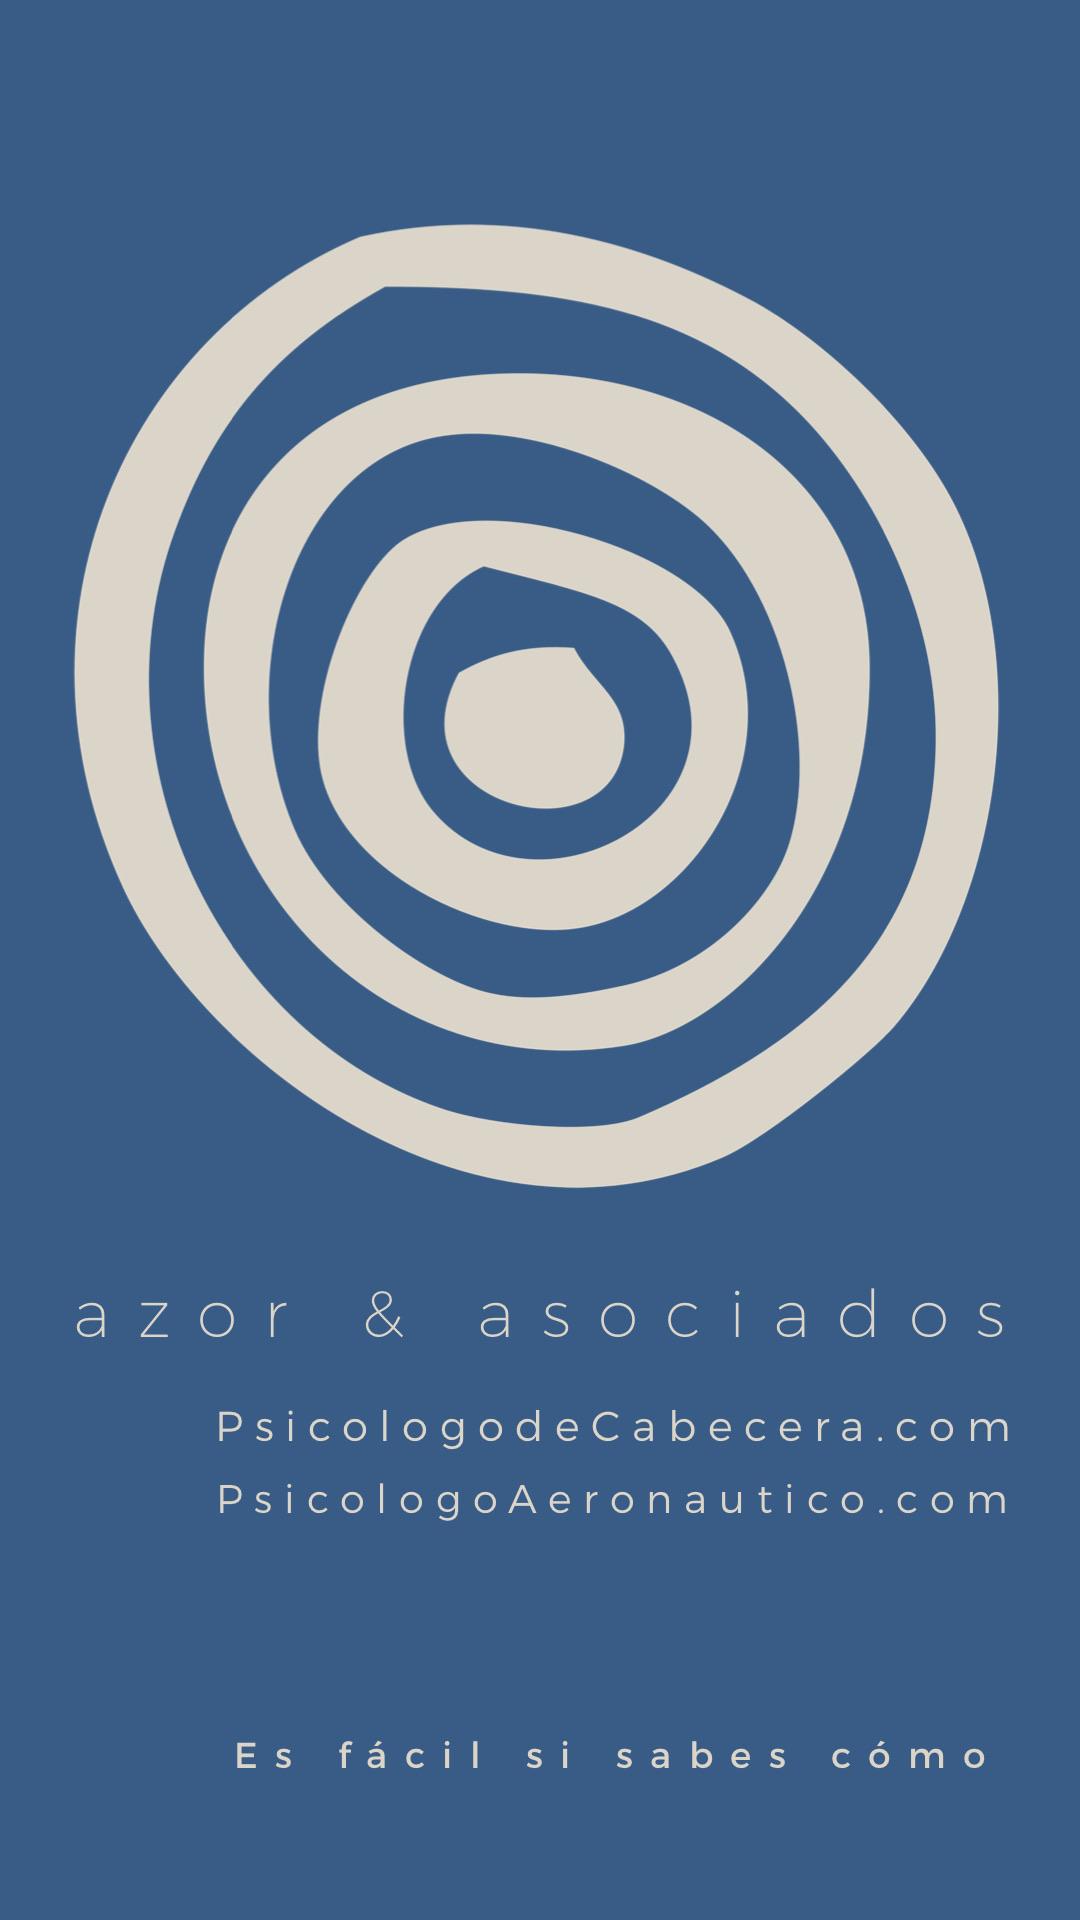 azor & asociados